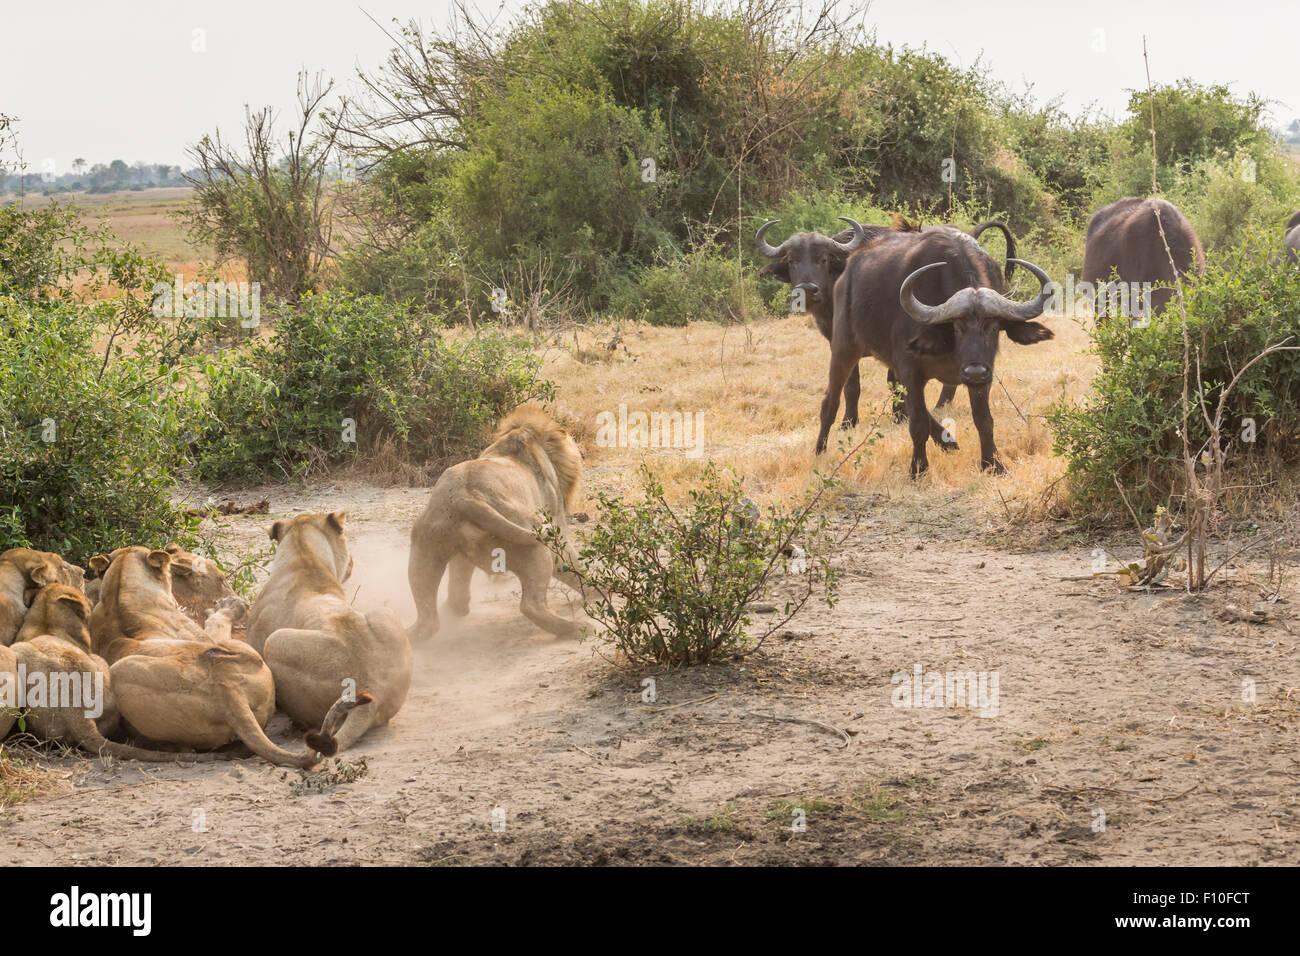 La interacción depredador-presa: enfrentamiento entre búfalos y leones que han derribado un ternero de Imagen De Stock